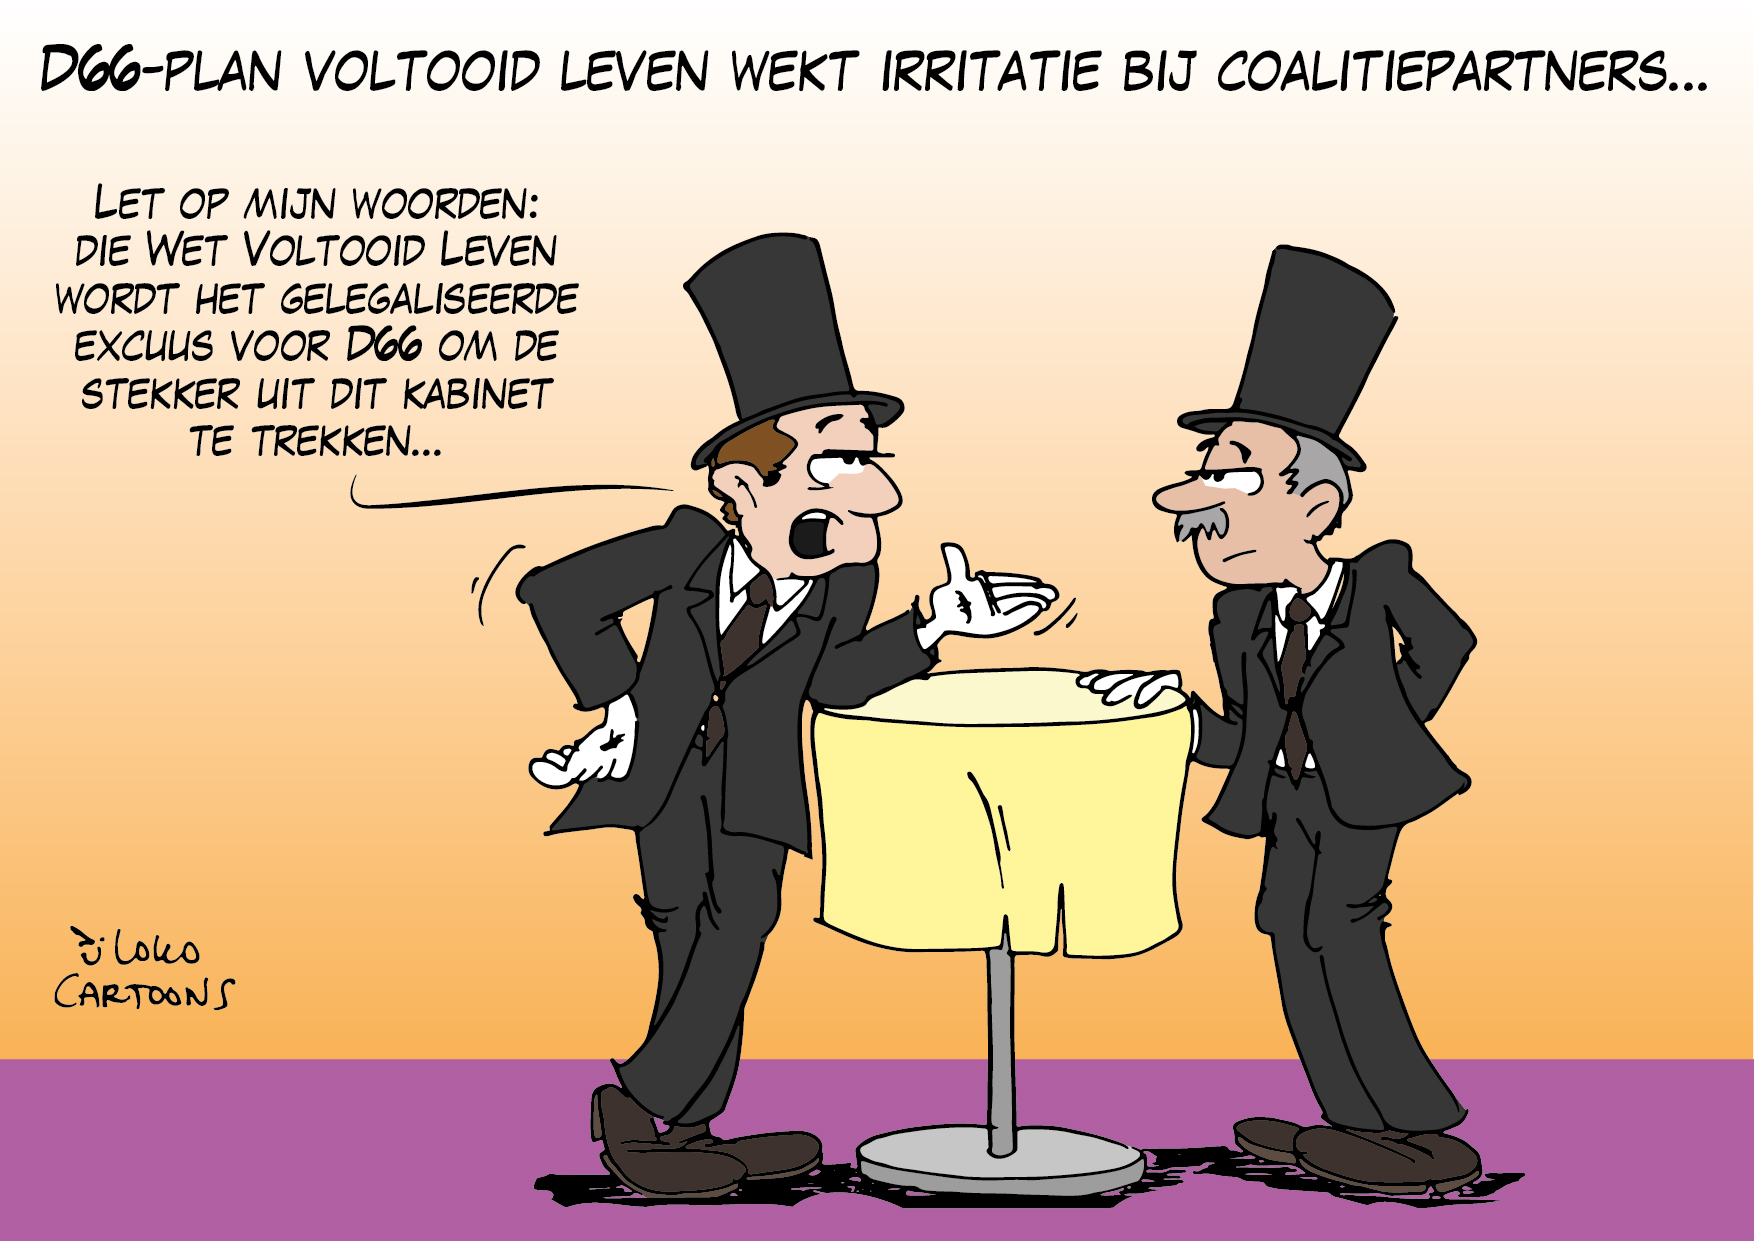 D66-plan voltooid leven wekt irritatie op bij coalitiepartners…